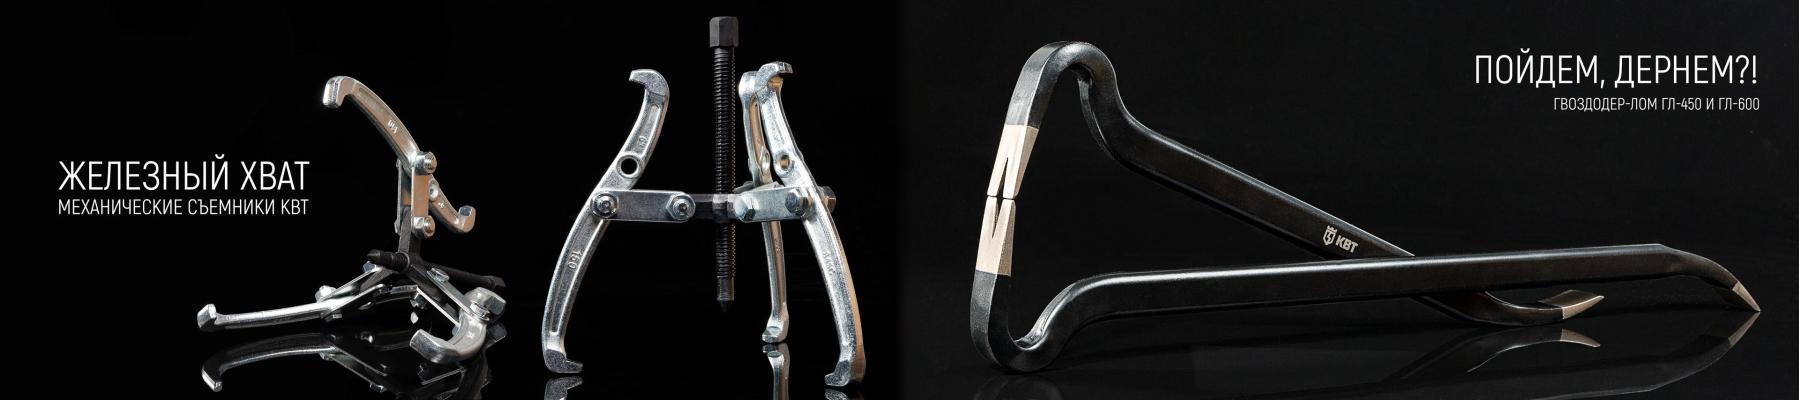 Высококачественный слесарный инструмент